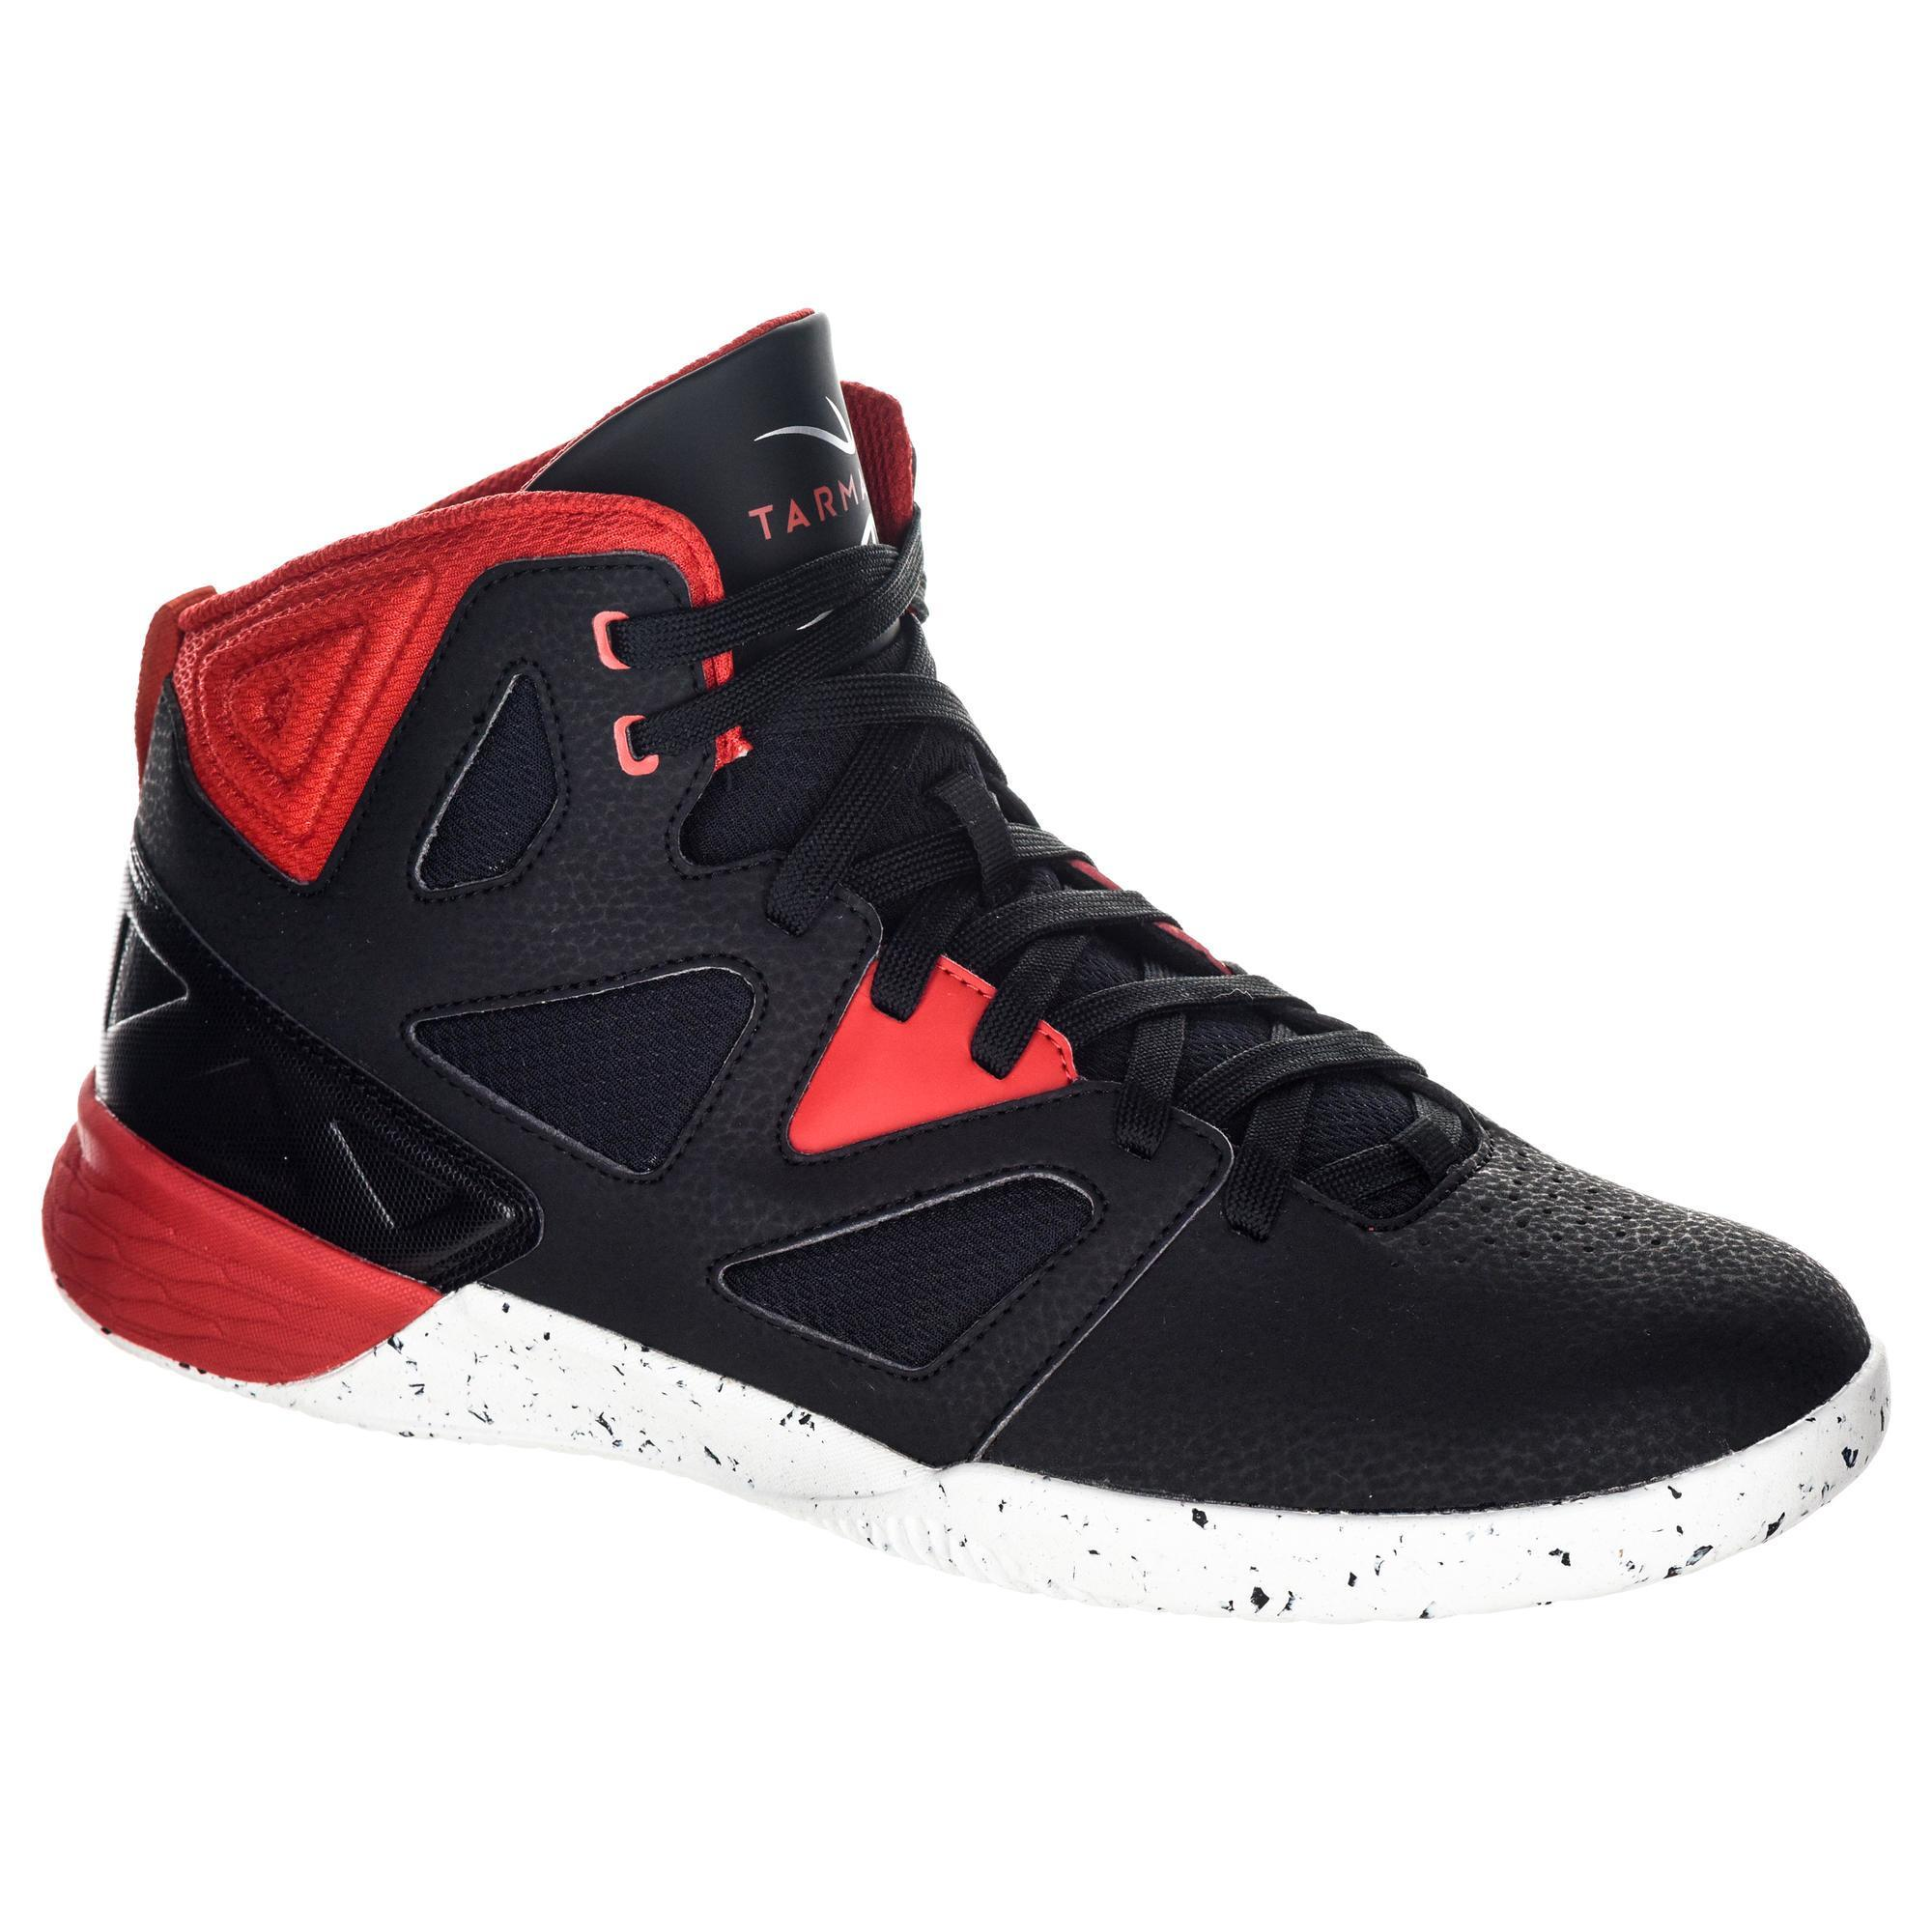 6c20bd299f5b5 Comprar Zapatillas de Baloncesto online